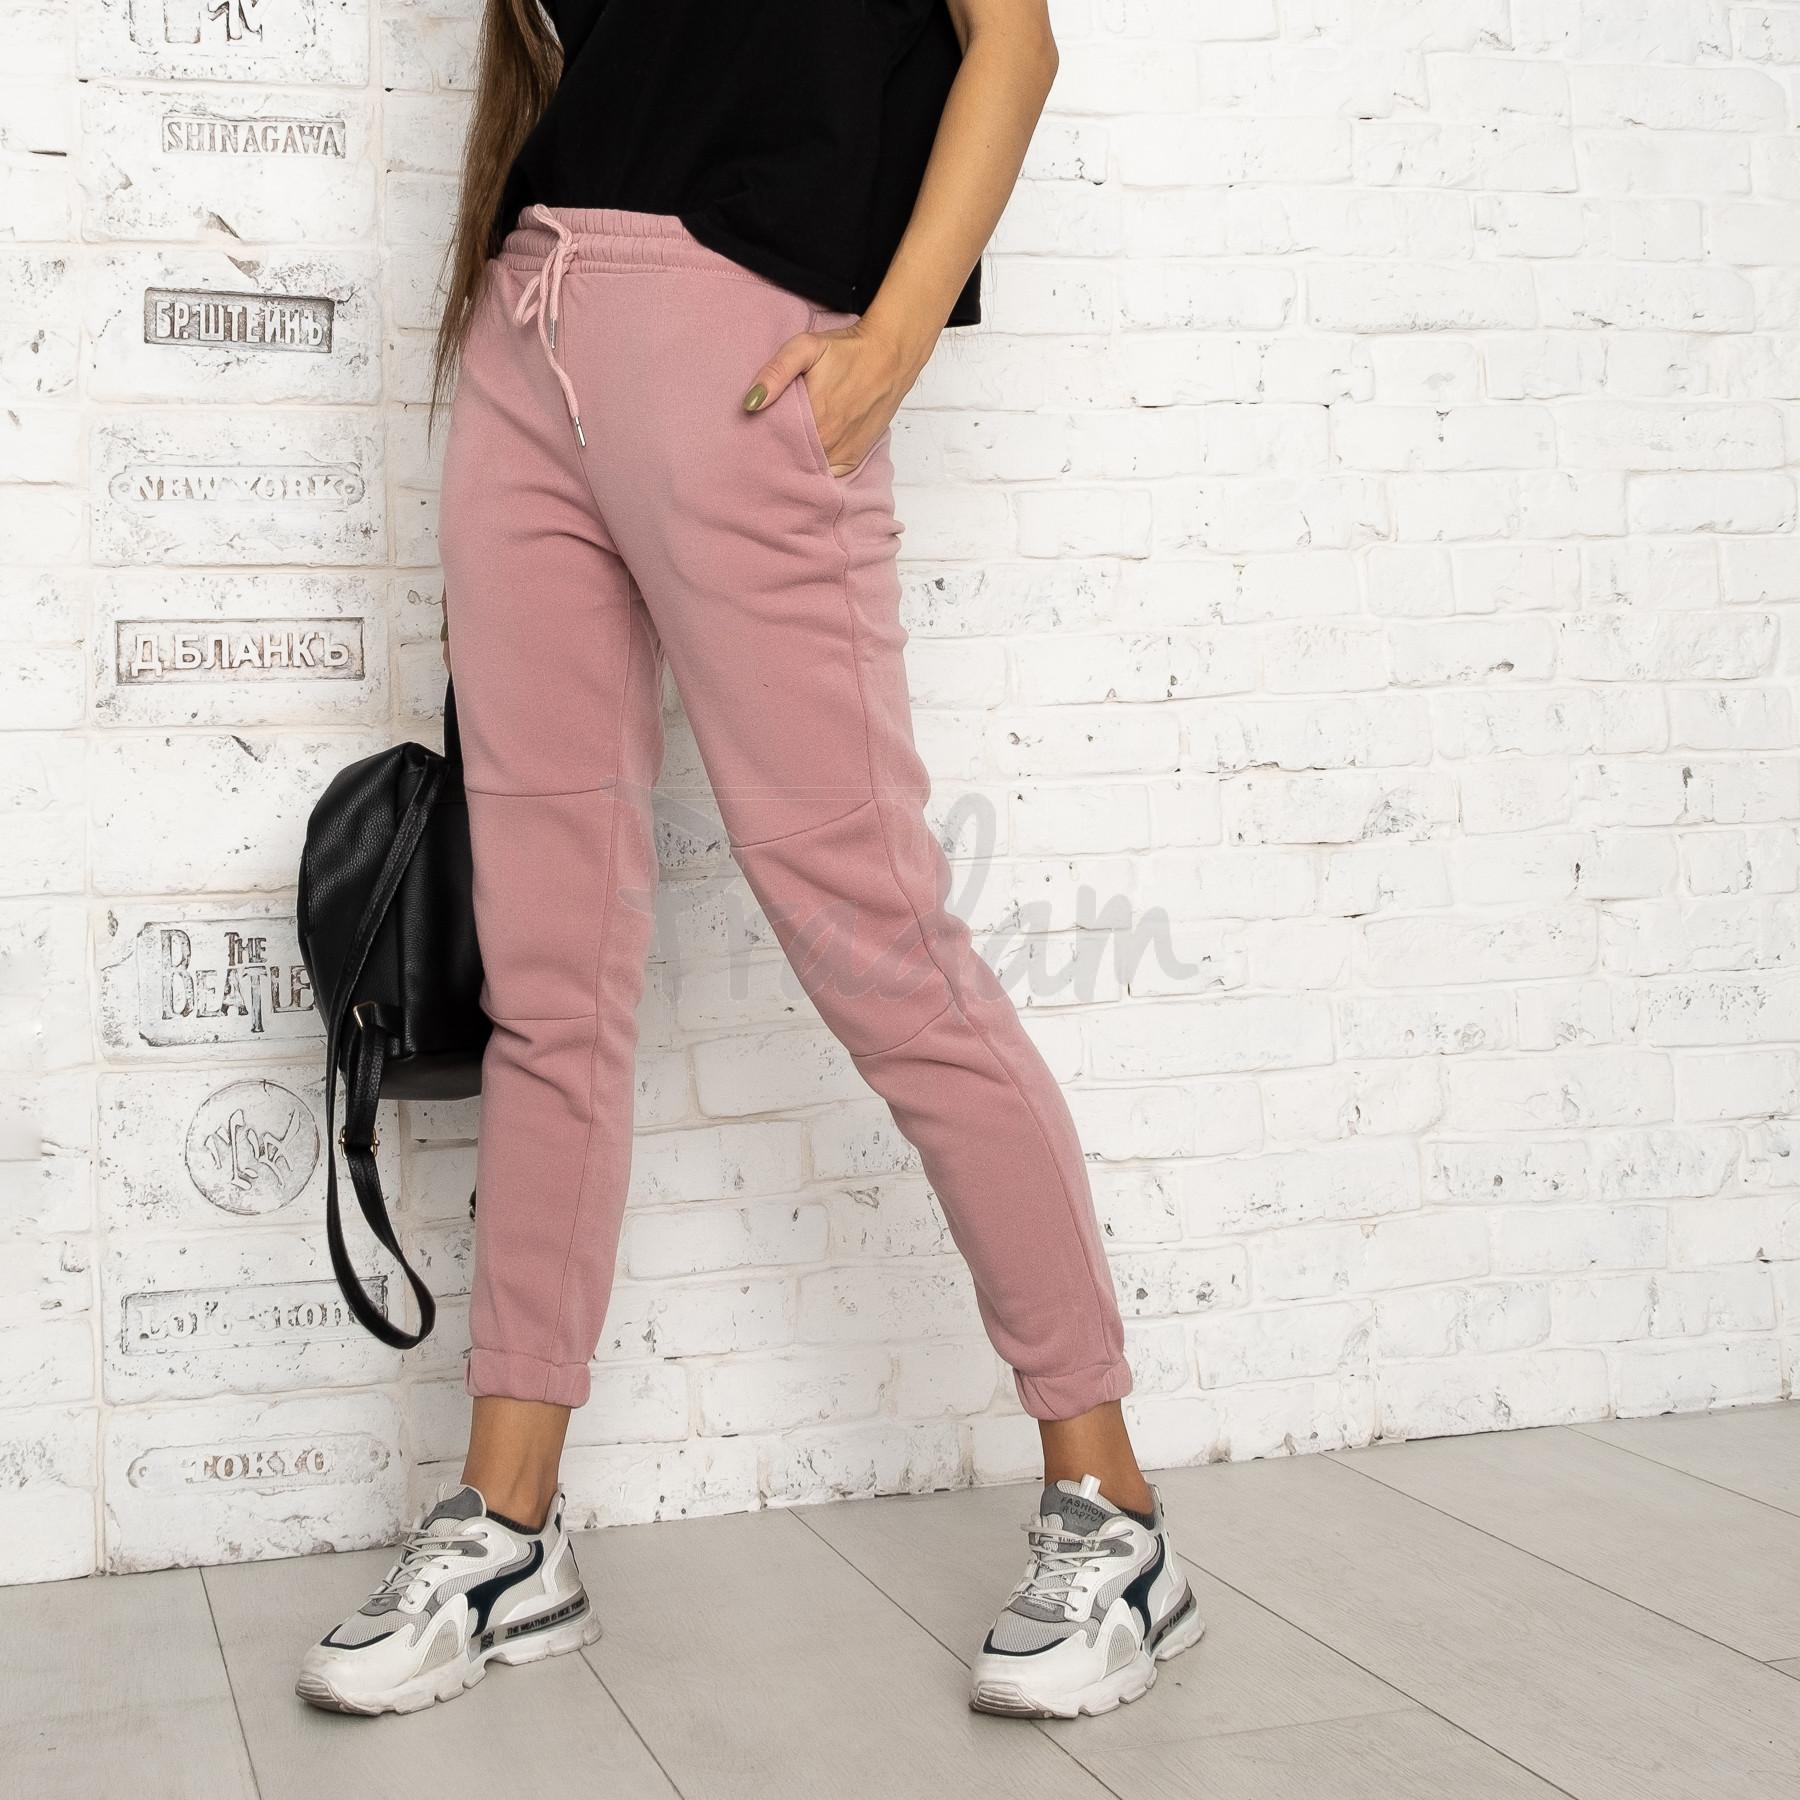 0012-2 розовые спортивные штаны женские на флисе (6 ед.размеры: S.M.L.XL.XXL.3XL)